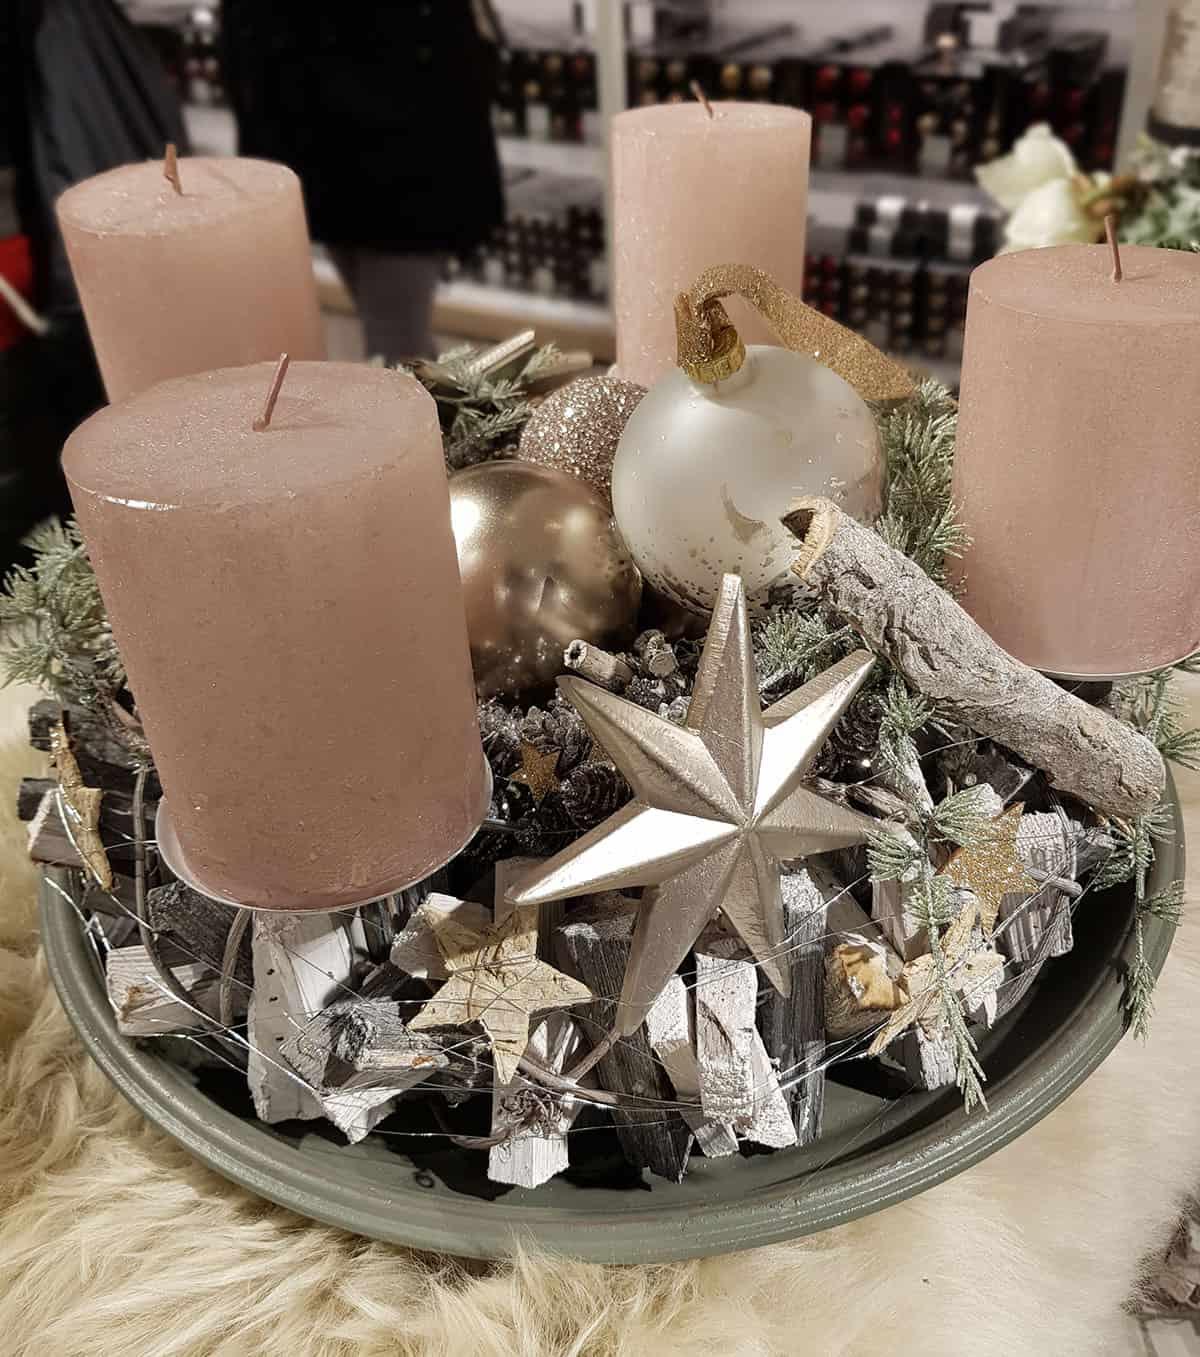 ⇒ Adventskranz Holz - für eine harmonische Weihnachtsatmosphäre!